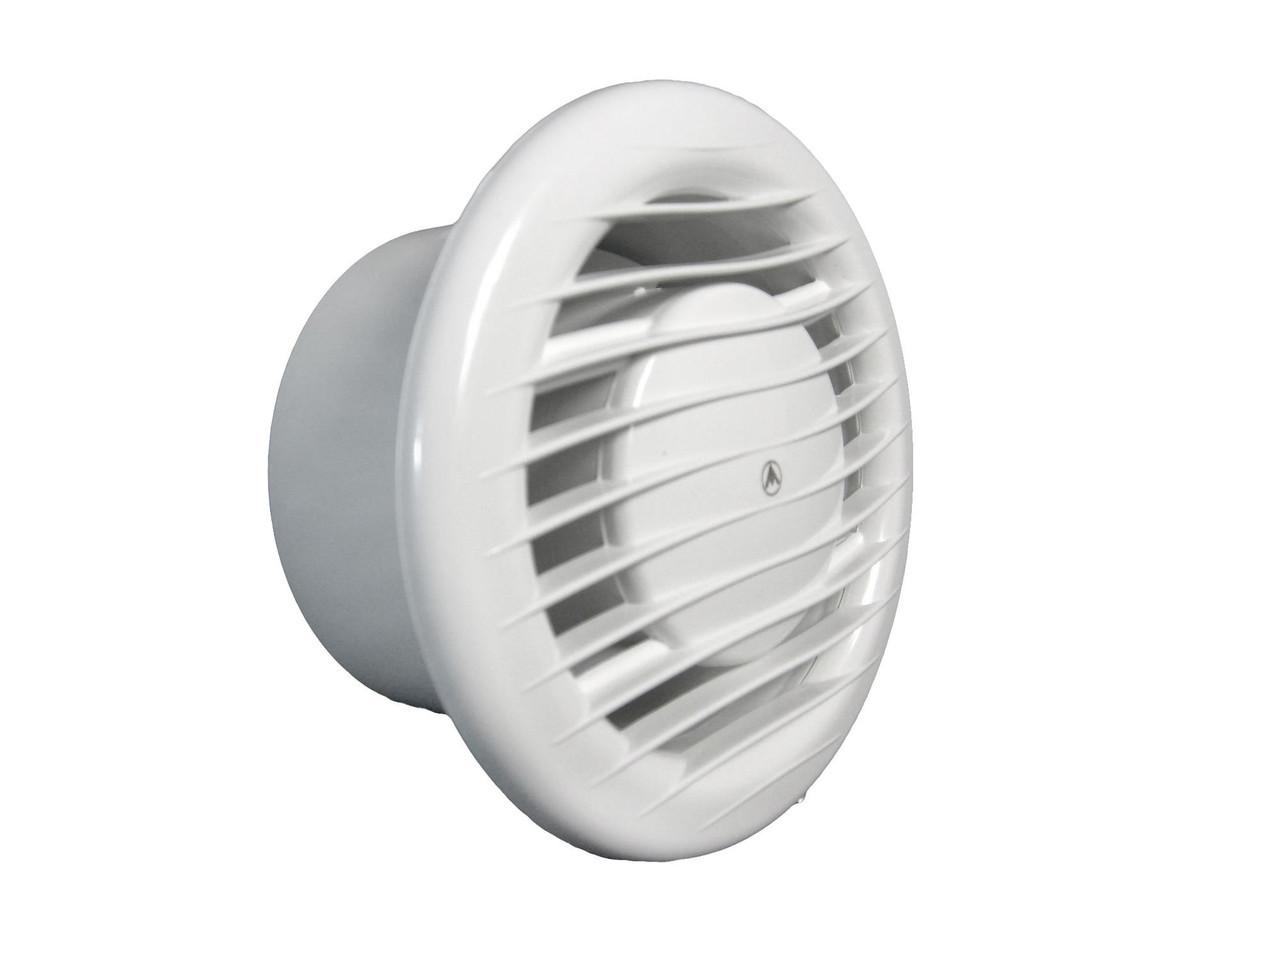 Вентилятор на стелю Dospel NV 12 120 (007-0439)